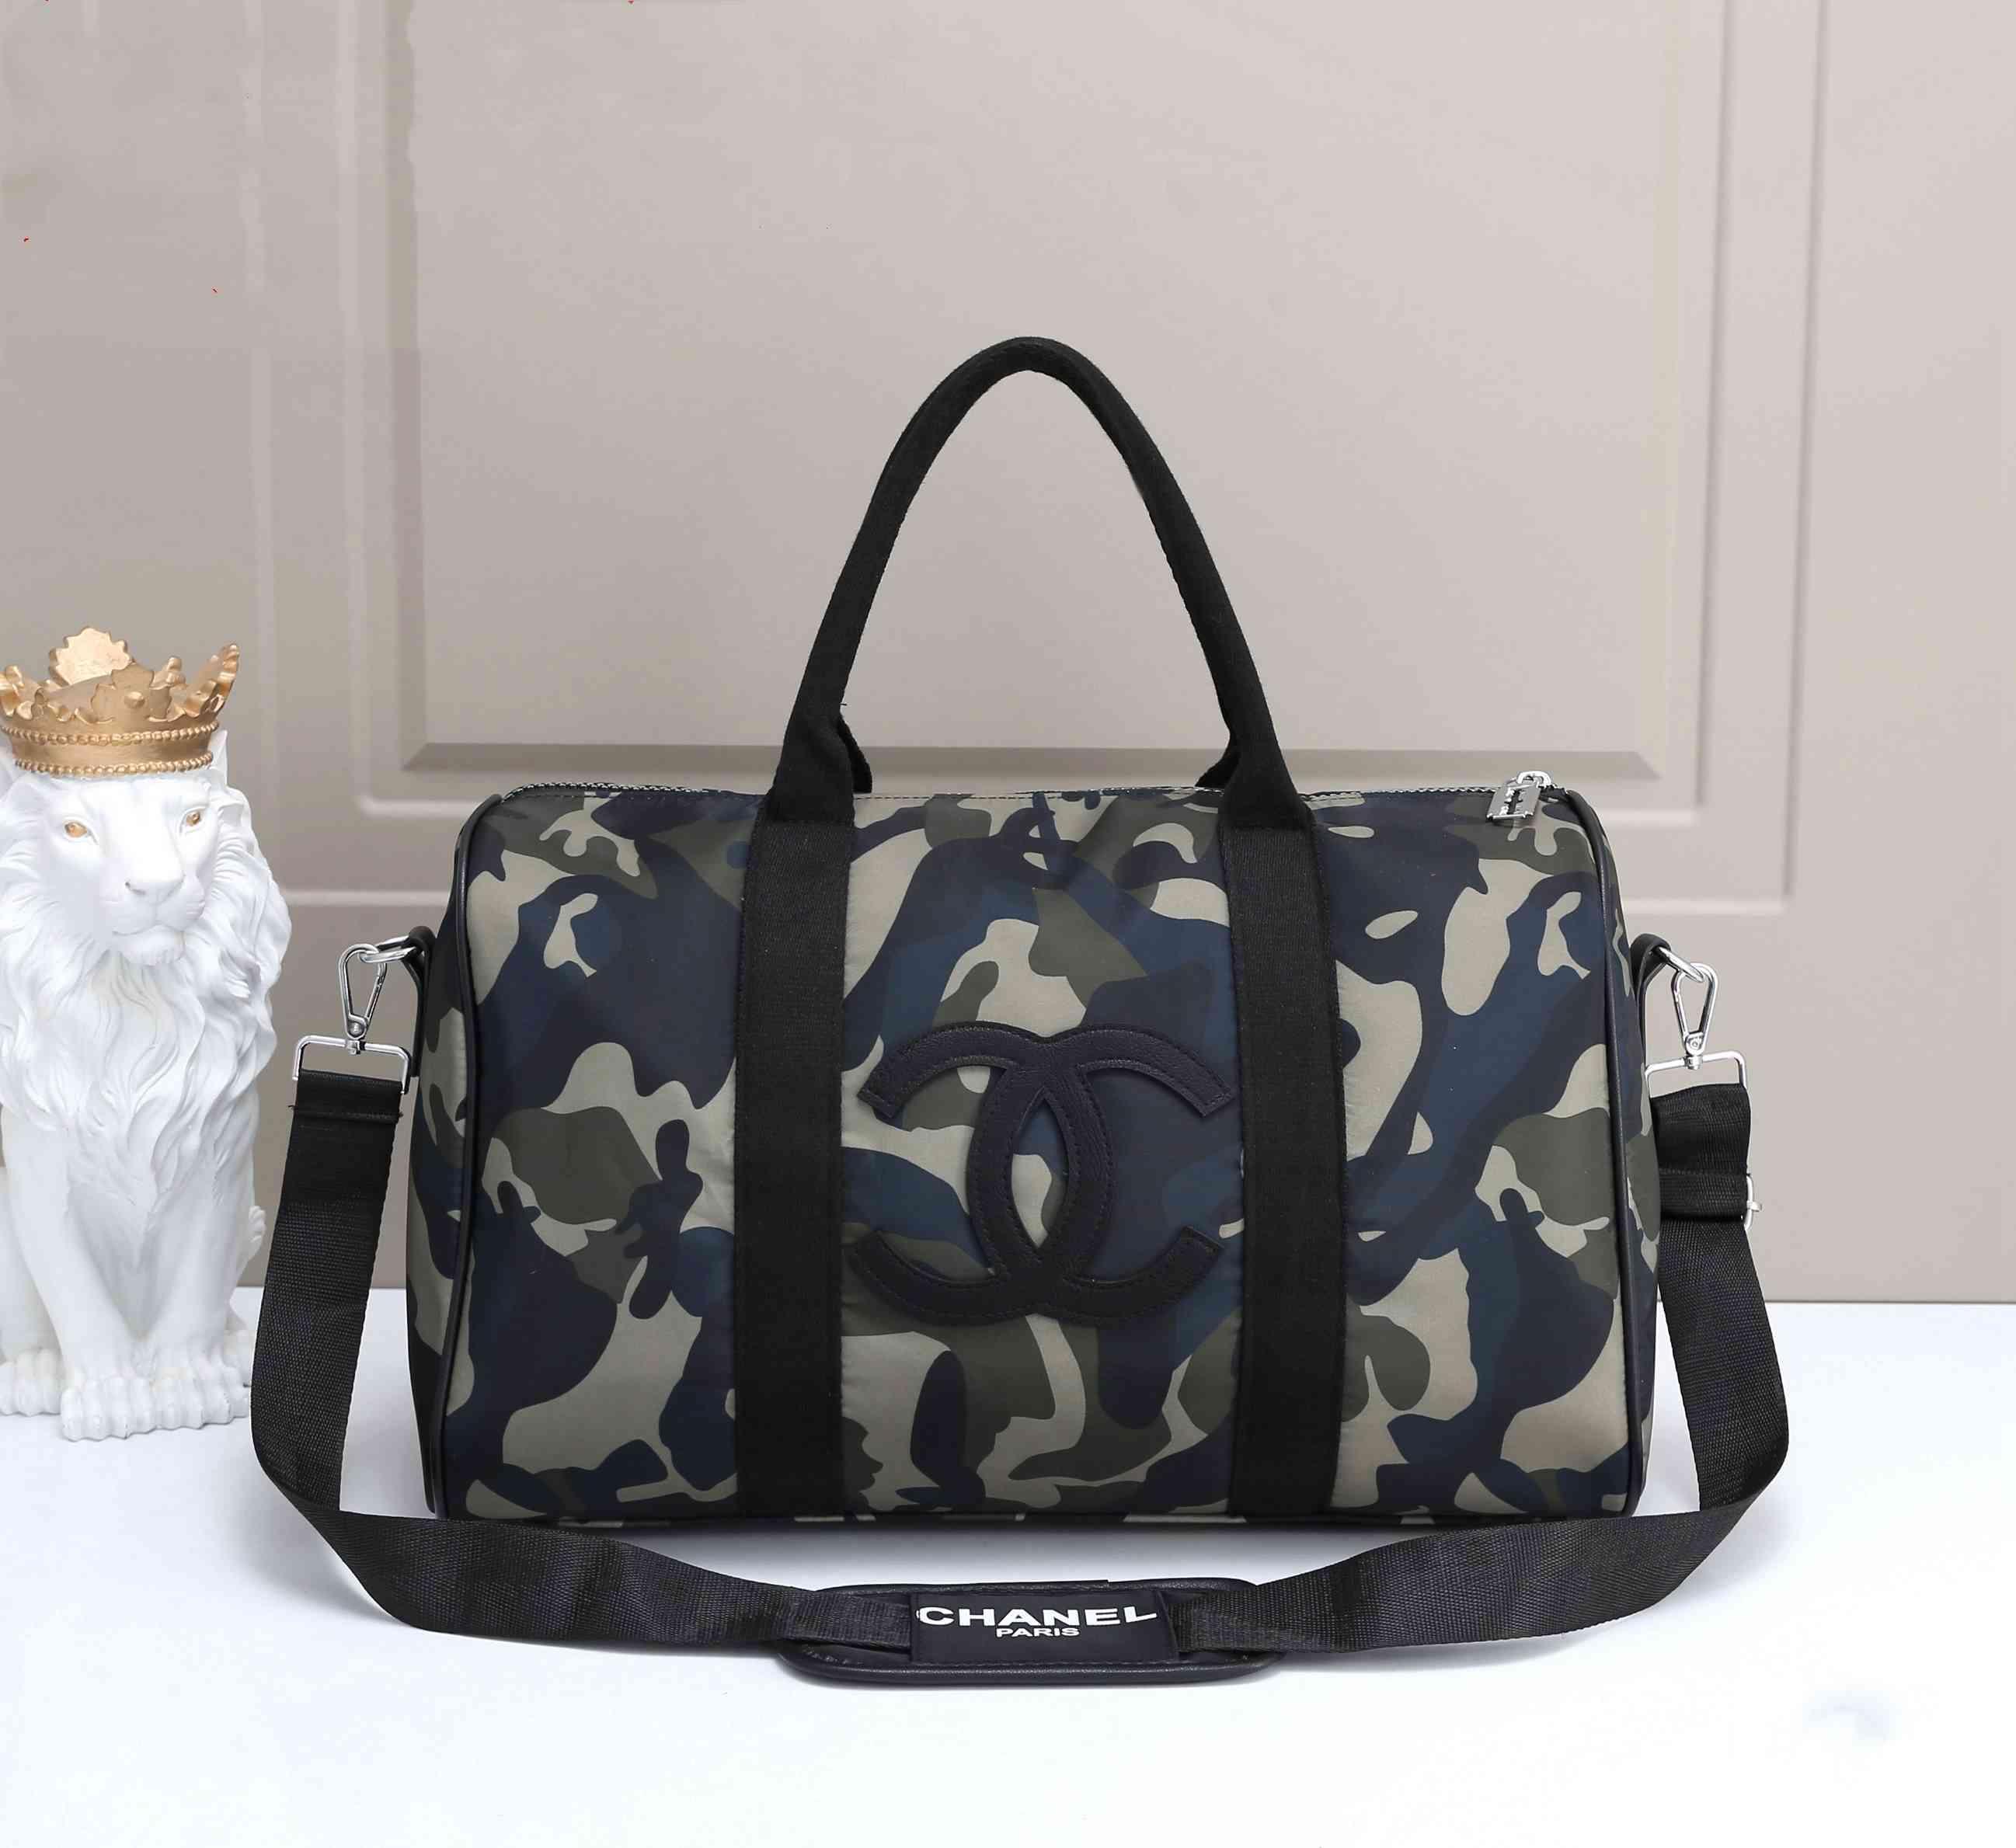 حقائب السفر luxurys المصممين الرجال سعة كبيرة والنساء السفر حقائب الكتف حقائب من القماش الخشن تحمل الأمتعة 44 * 20 * 25